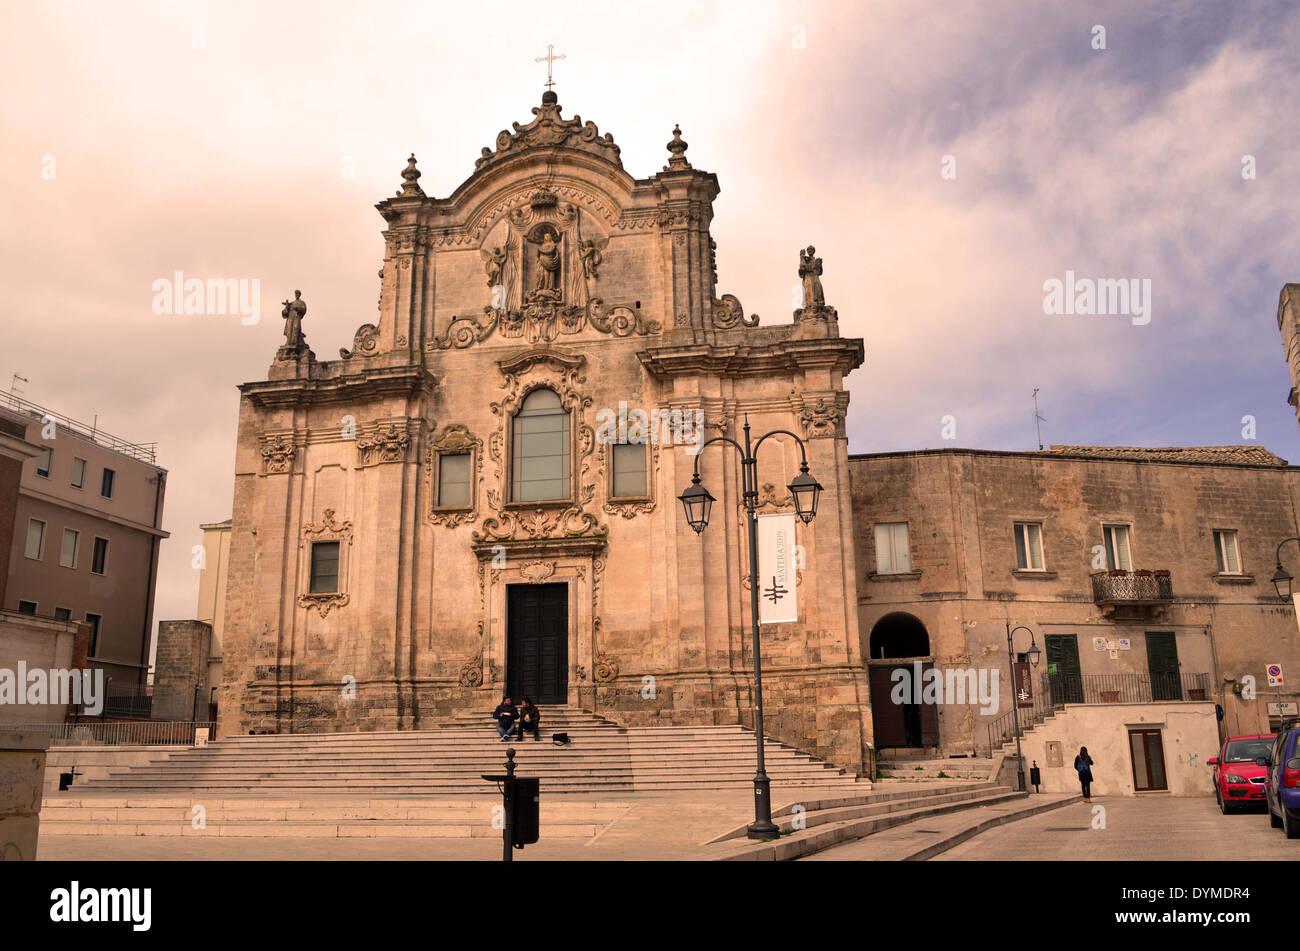 Le trogladytic,Matera ville d'Italie du sud compte plus de 80 églises, pic. montre que l'église de San Francesco d'Assisi. Photo Stock